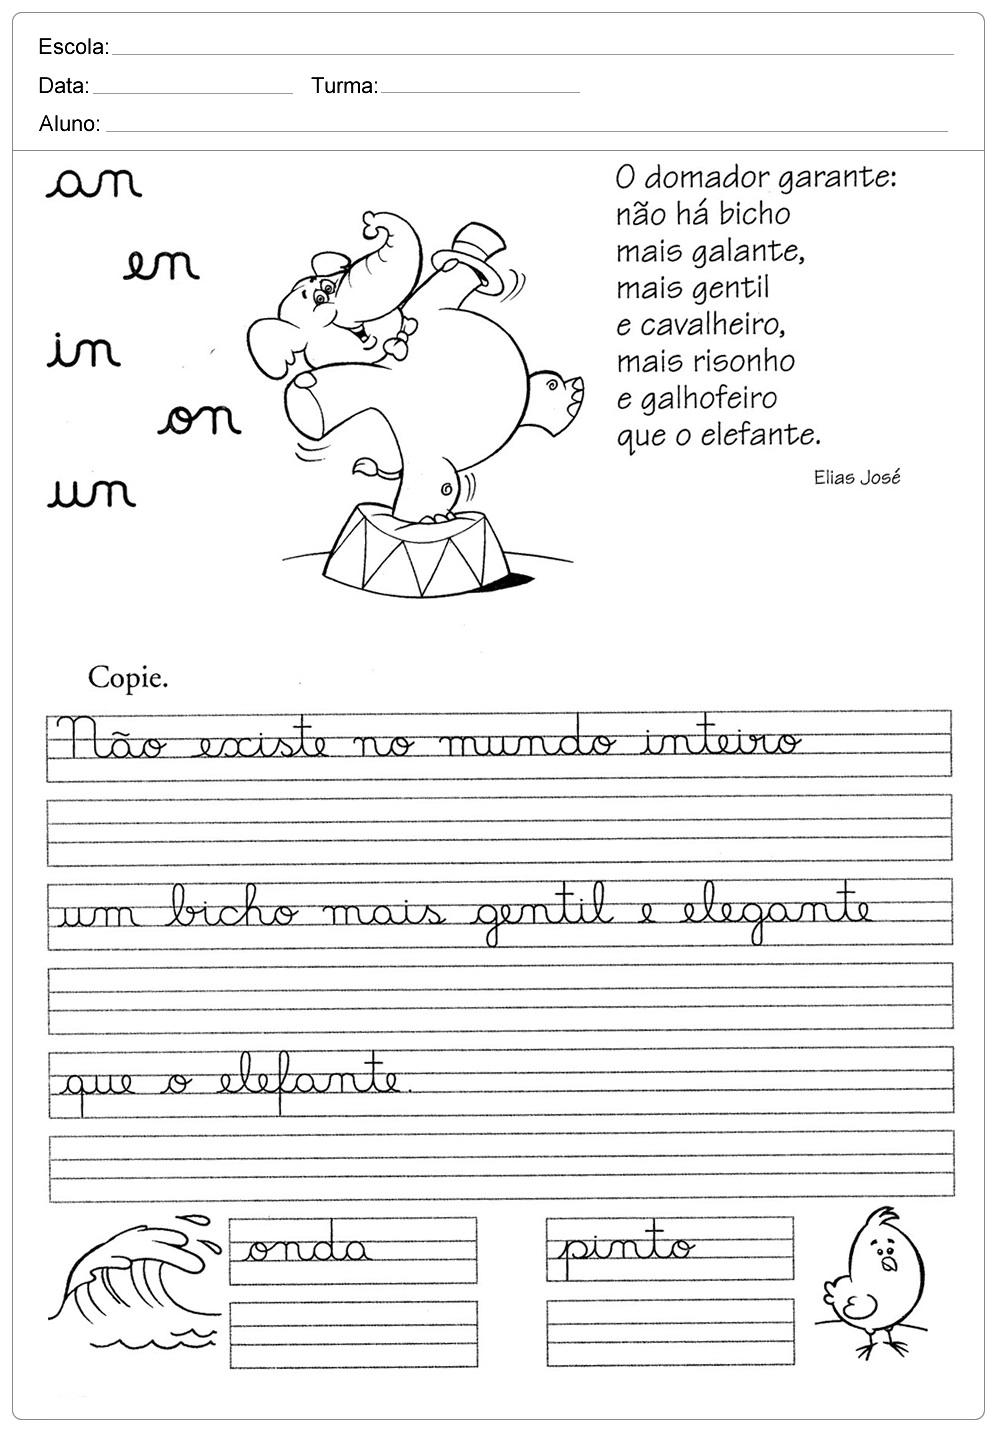 atividade-de-caligrafia-an-en-in-on-un